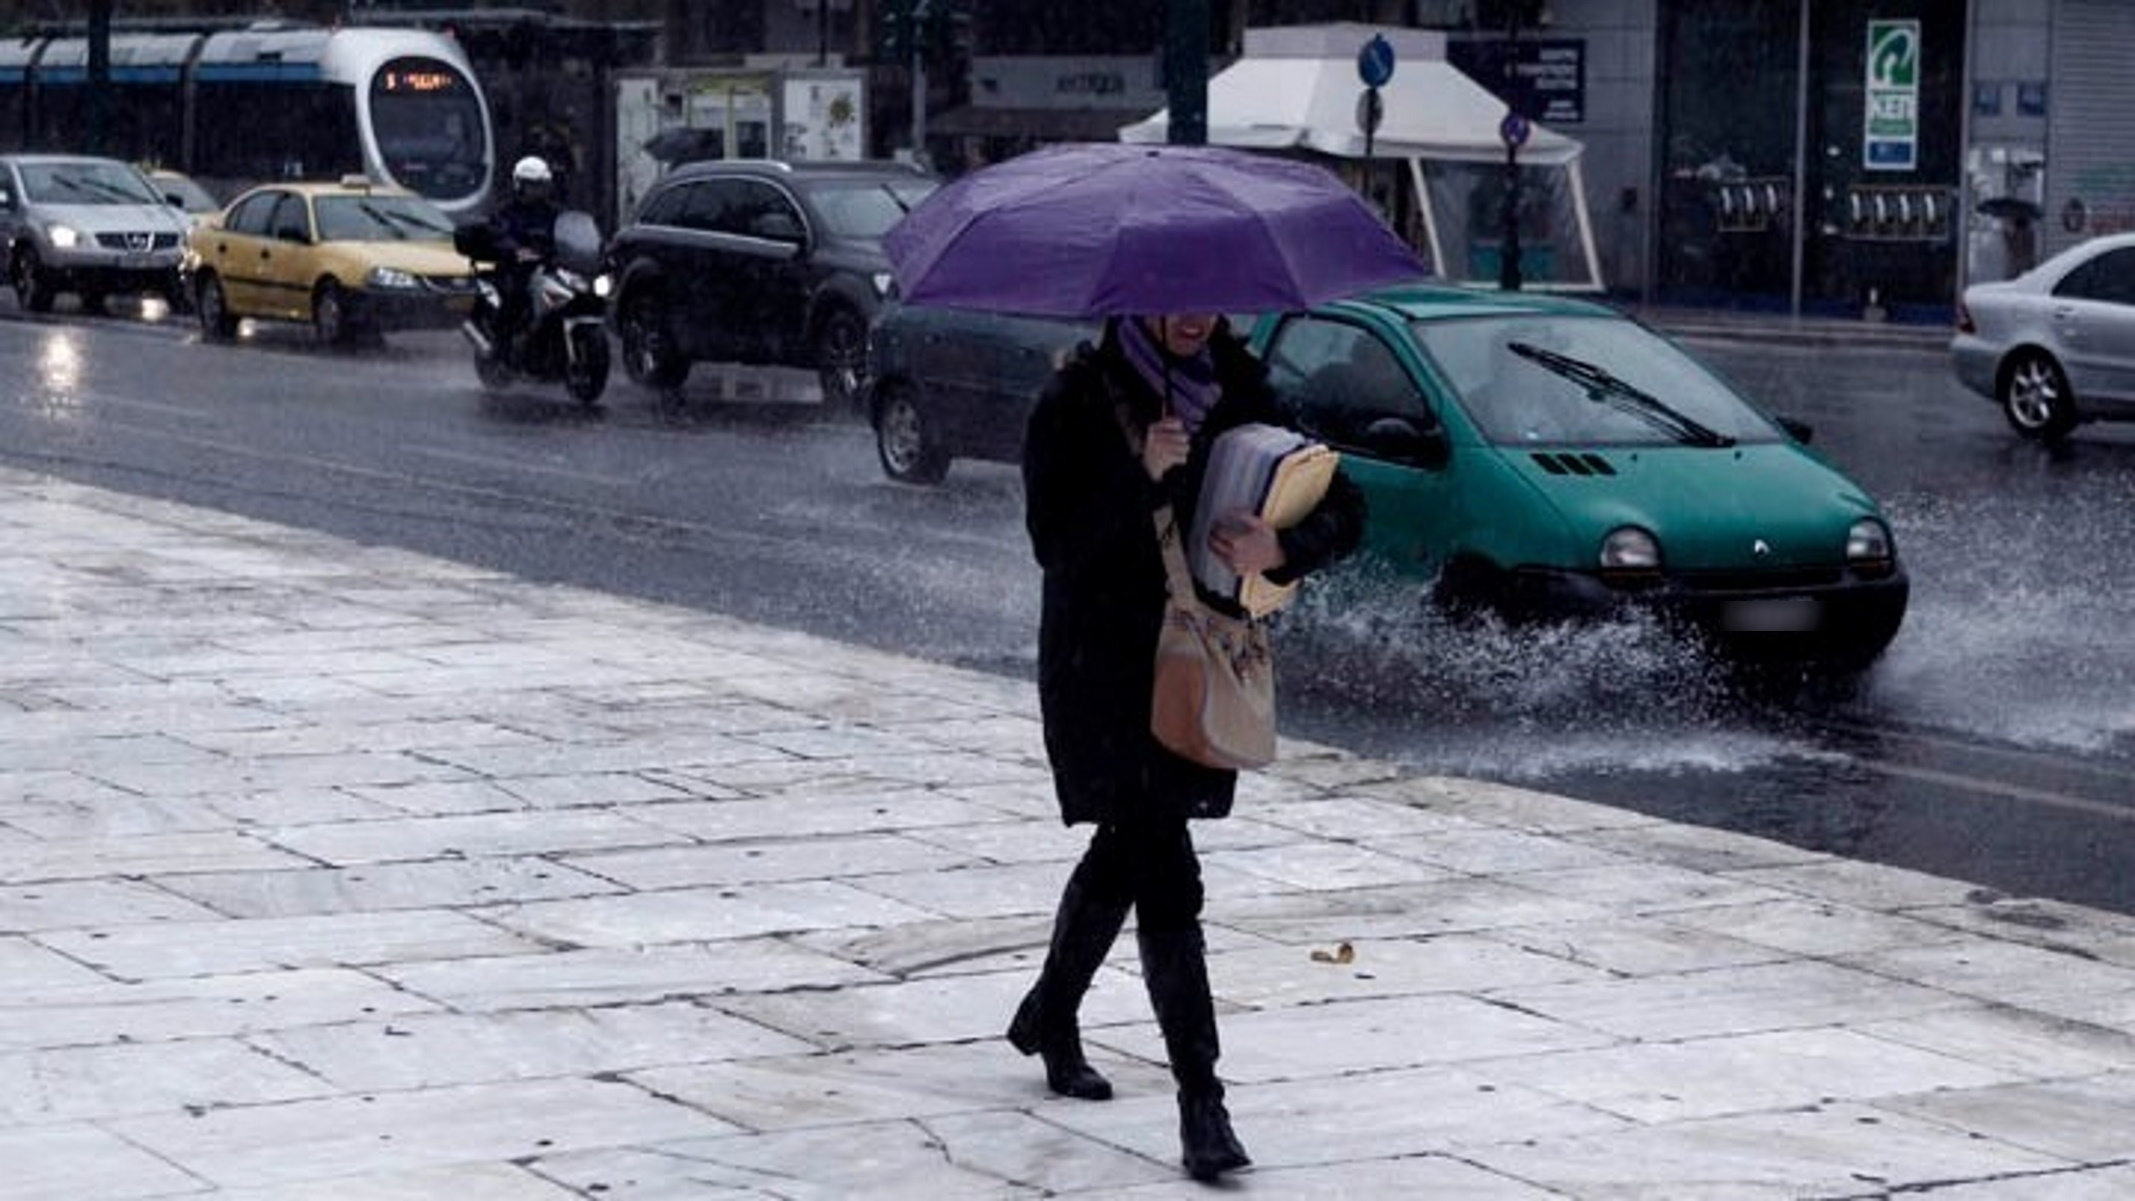 Καιρός σήμερα: Έρχονται ισχυρές καταιγίδες και λασποβροχές – Που θα χιονίσει